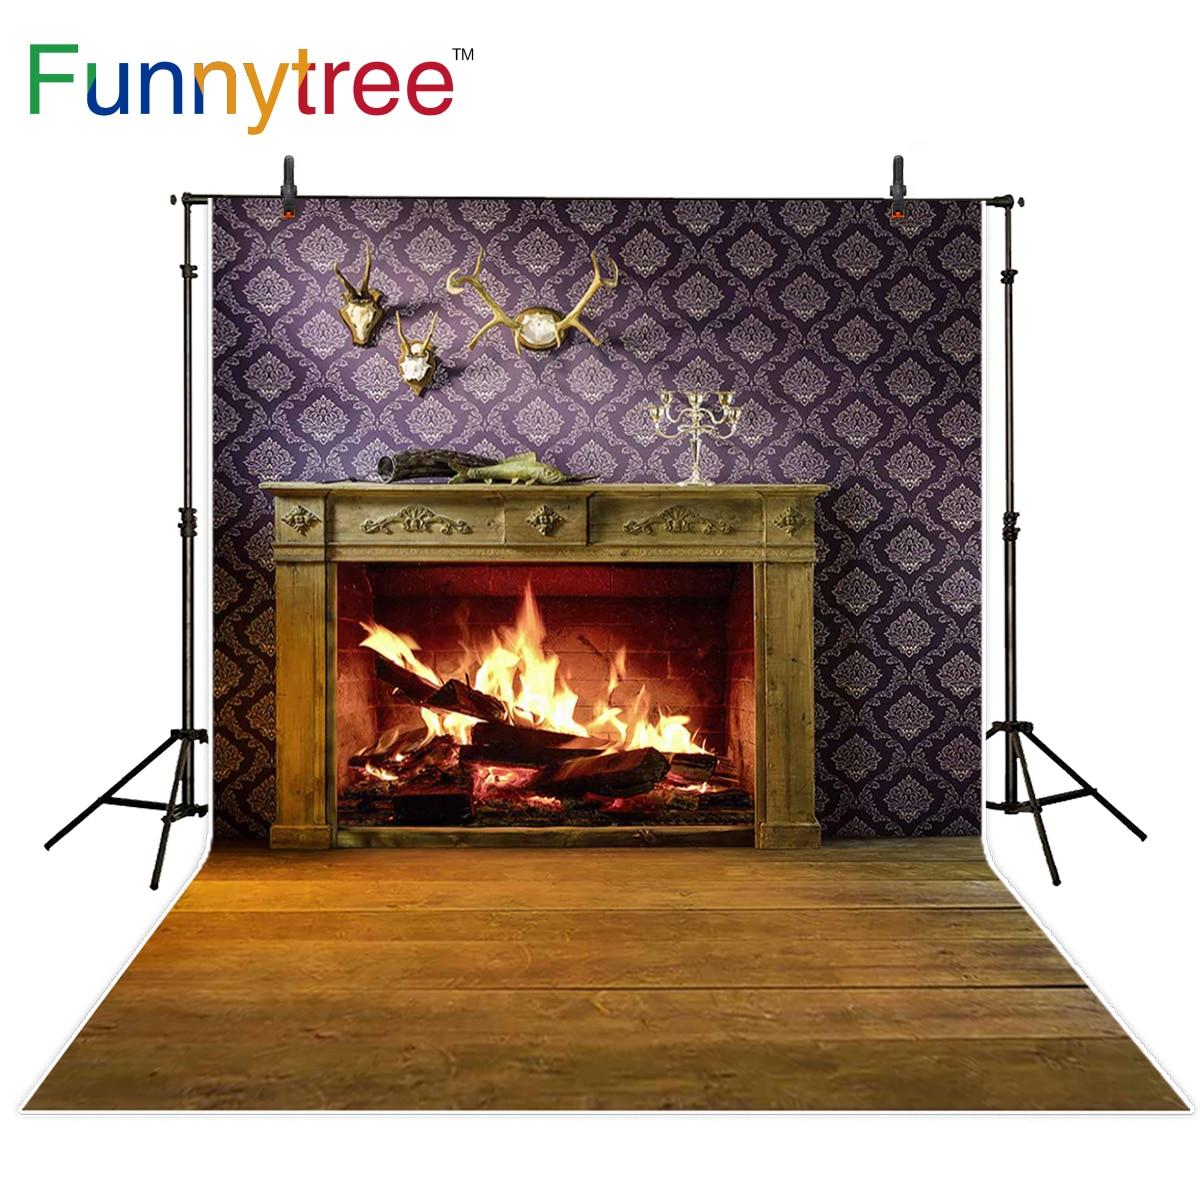 Funnytree fotografia backdrops lareira quarto natal chaminé aconchegante interior casa vintage férias photocall foto de fundo